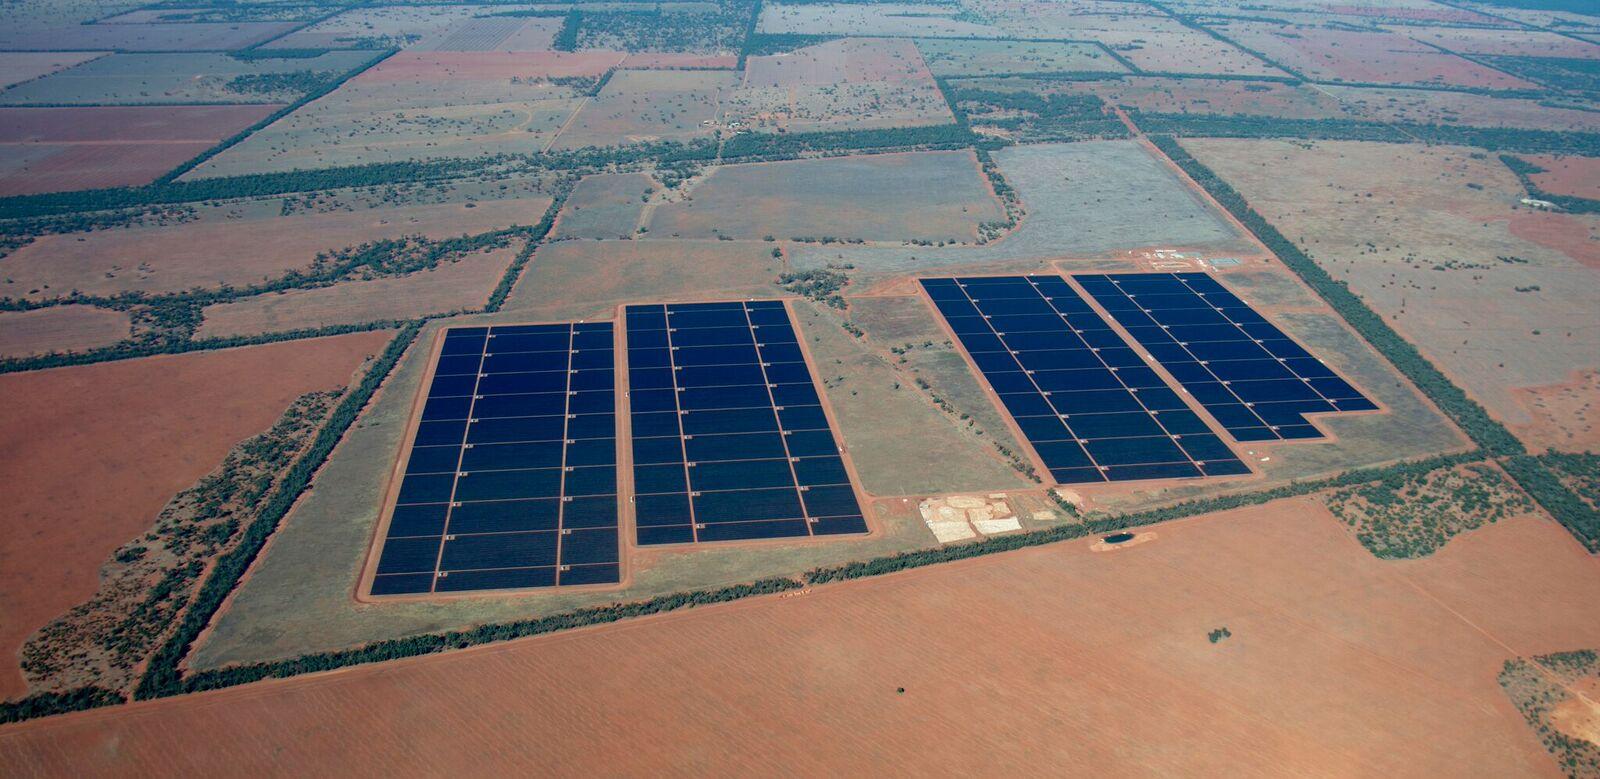 Usina Solar AGL Nyngan, 102 MW